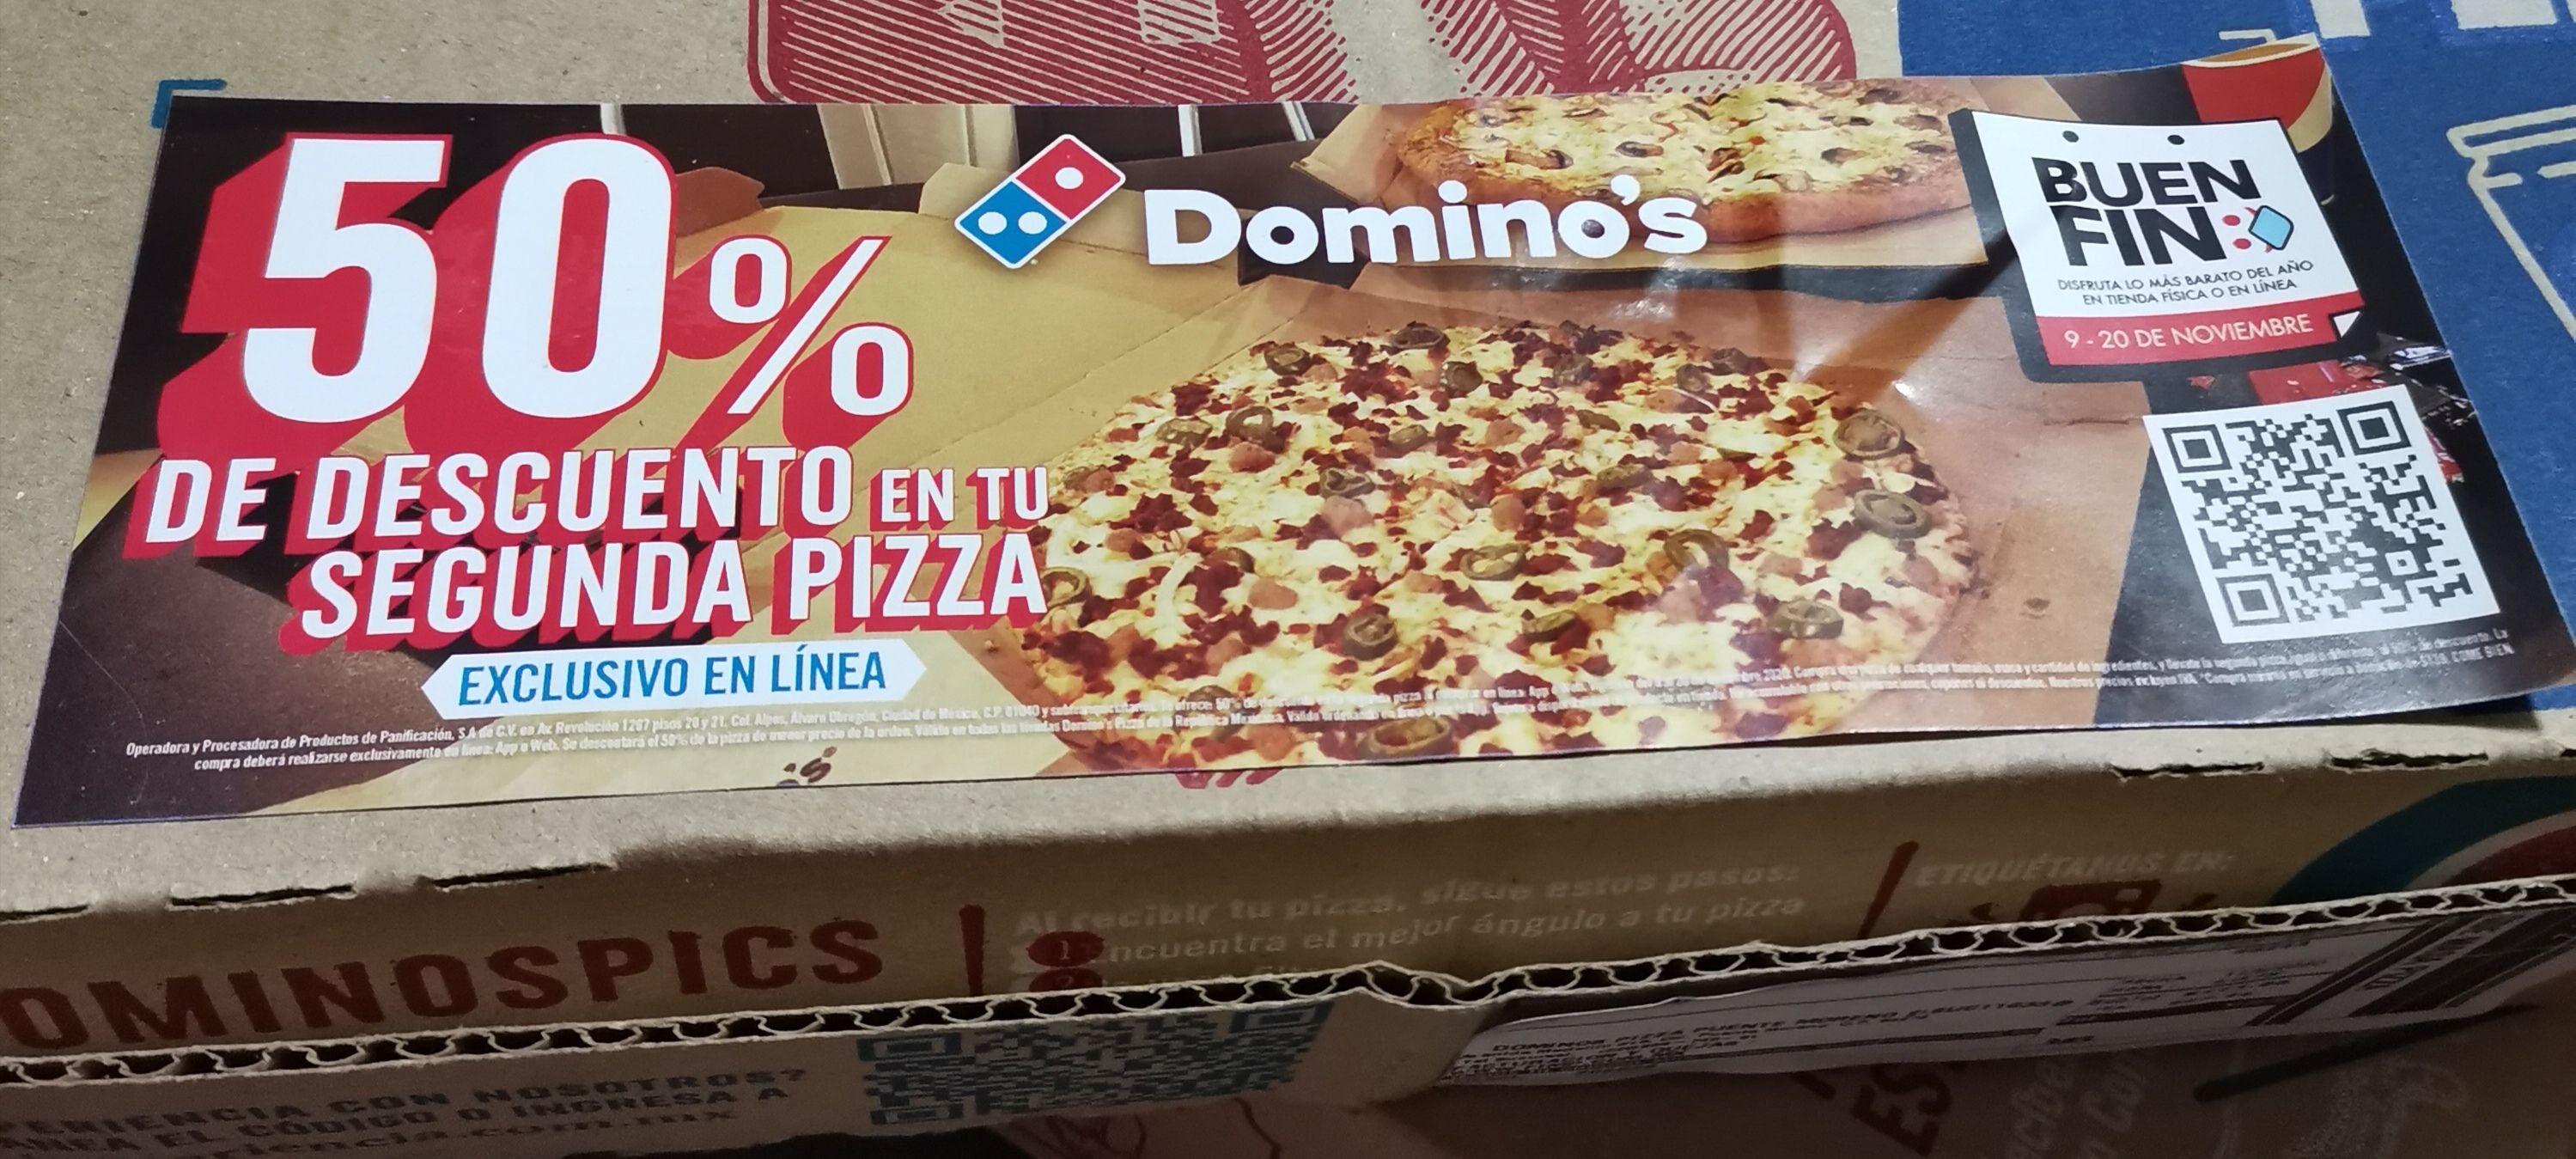 Domino's: 50% de descuento en tu segunda pizza exclusivo en línea.